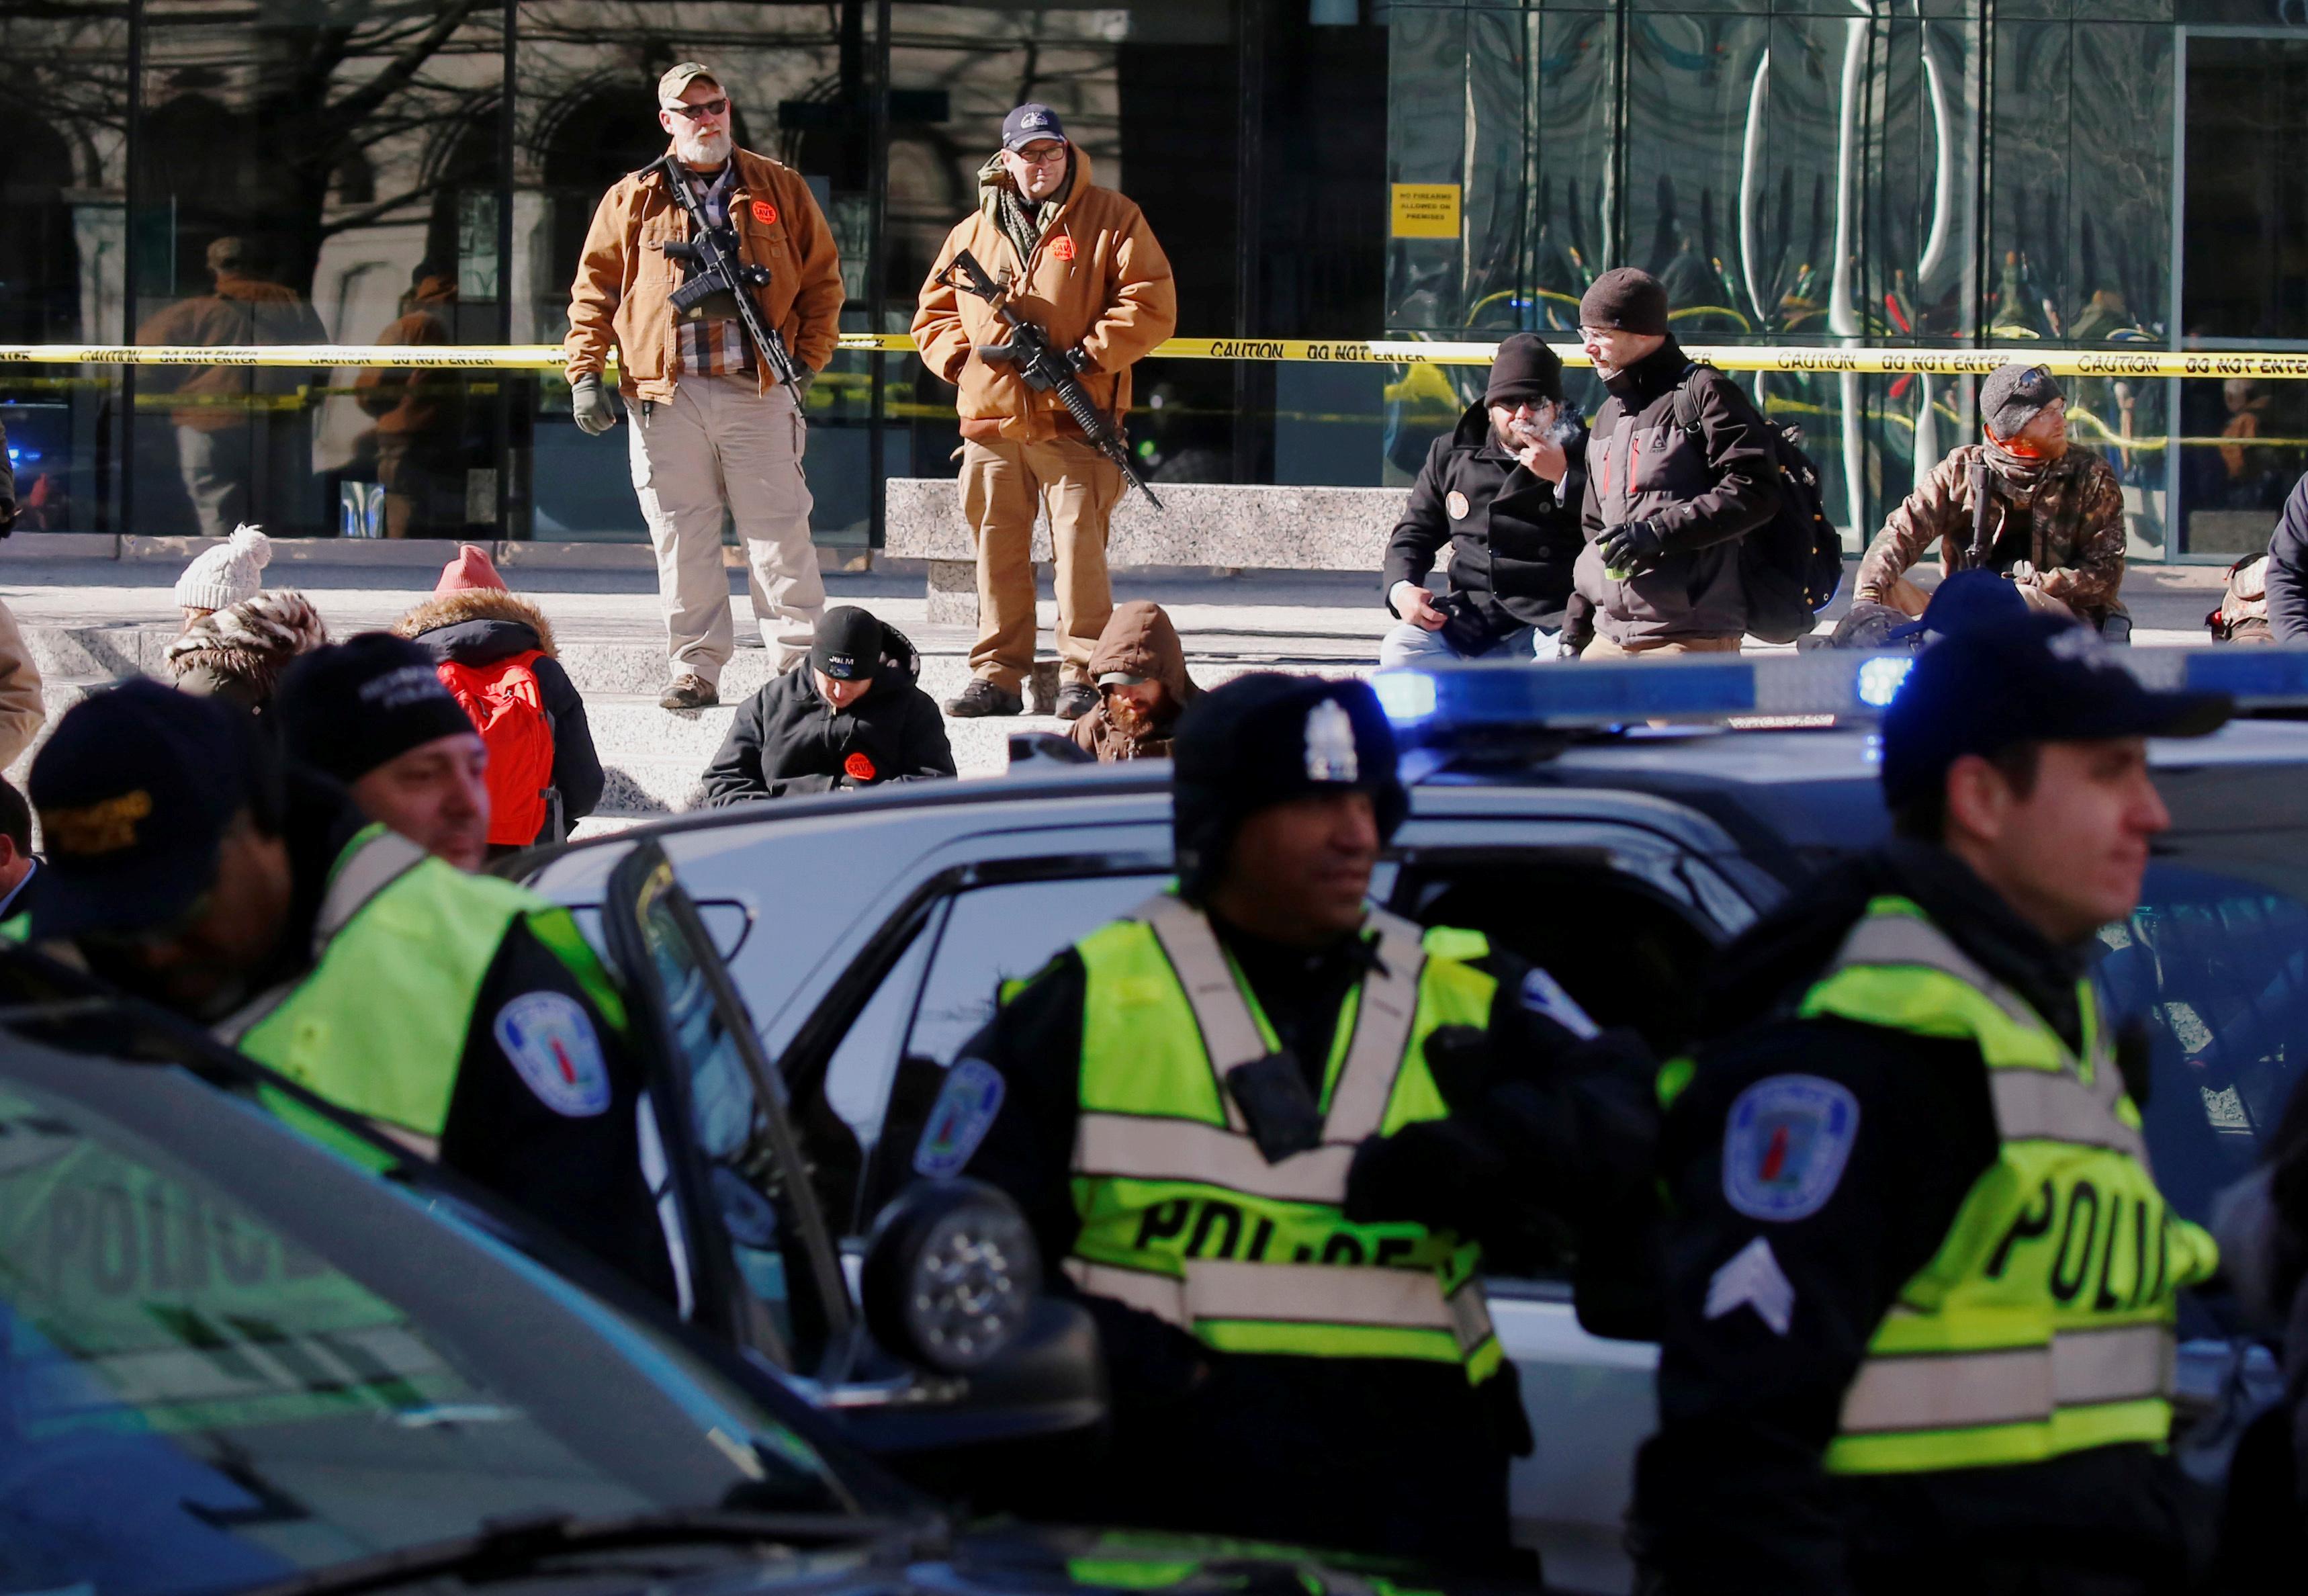 La policía custodia, en primer plano, y se asegura que no ingresen armas al sector frente al Capitolio. Por detrás, dos asistentes con sus AR-15 (REUTERS/Jim Urquhart)